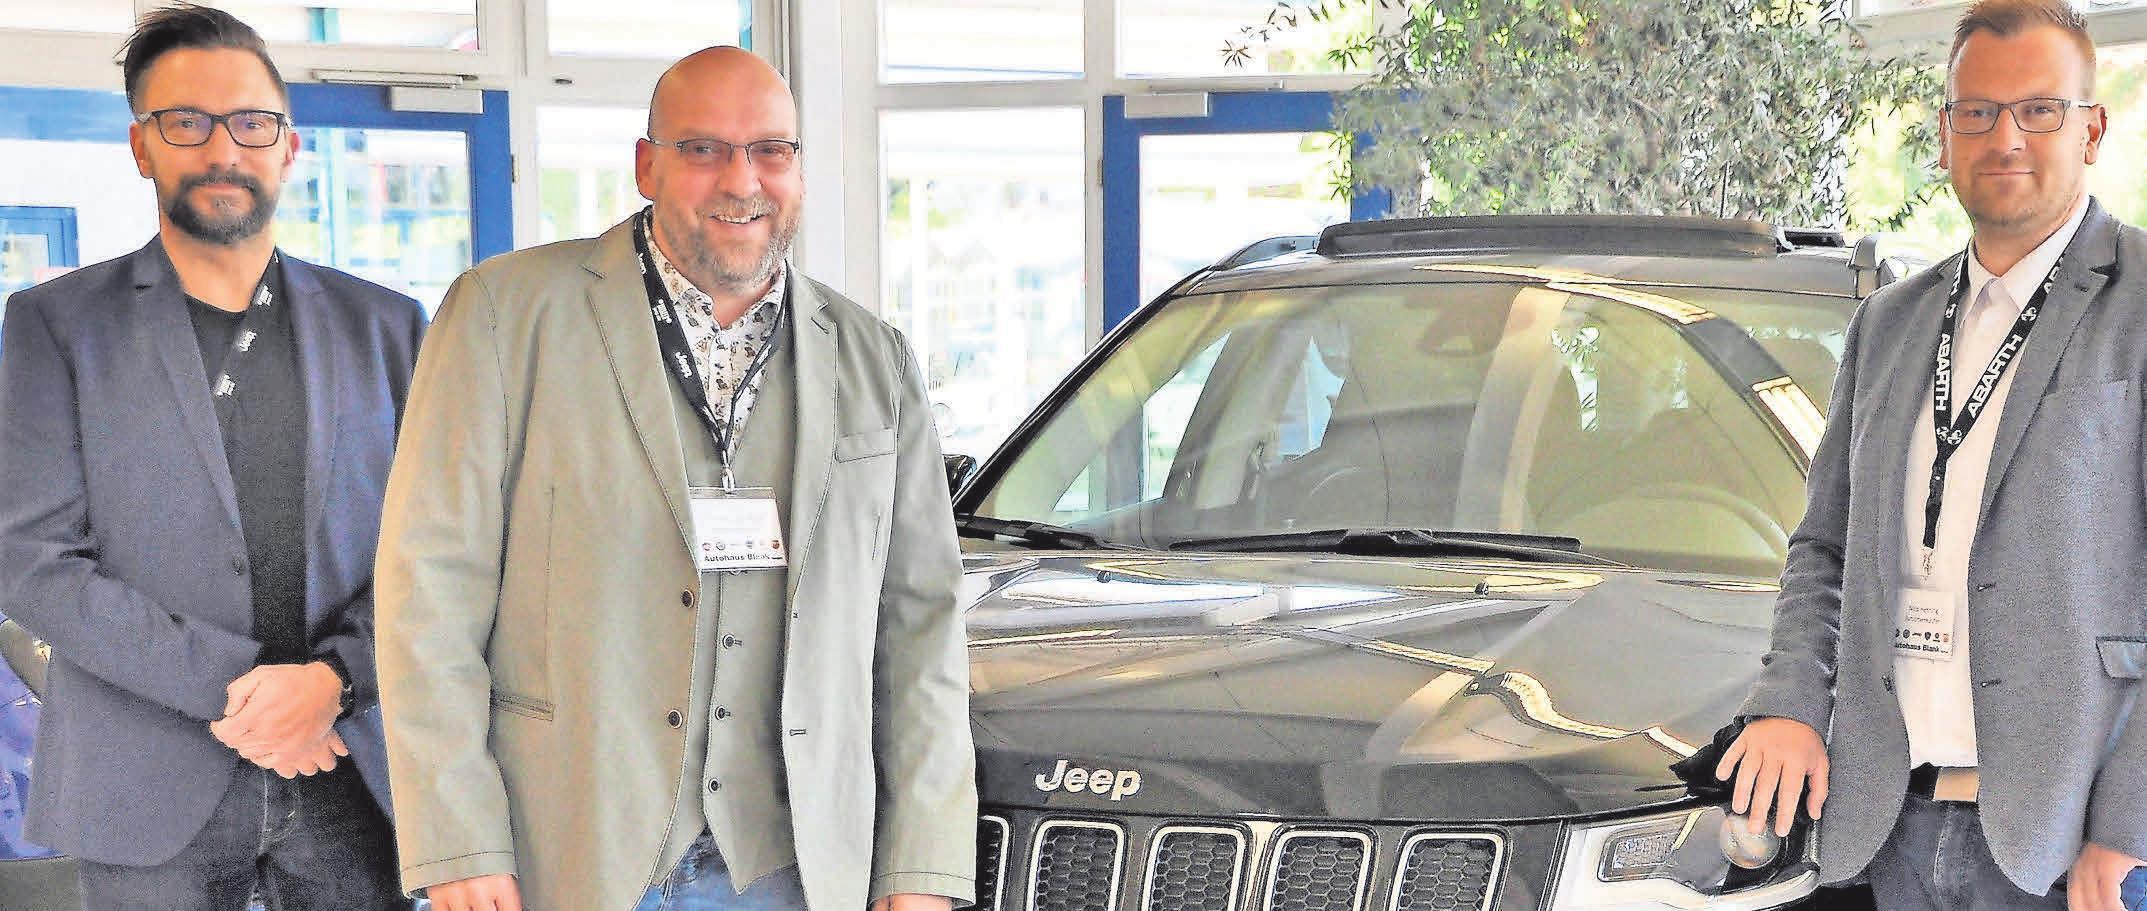 Das Verkaufsteam des Autohauses Blank freut sich über viele Kundenbesuche.